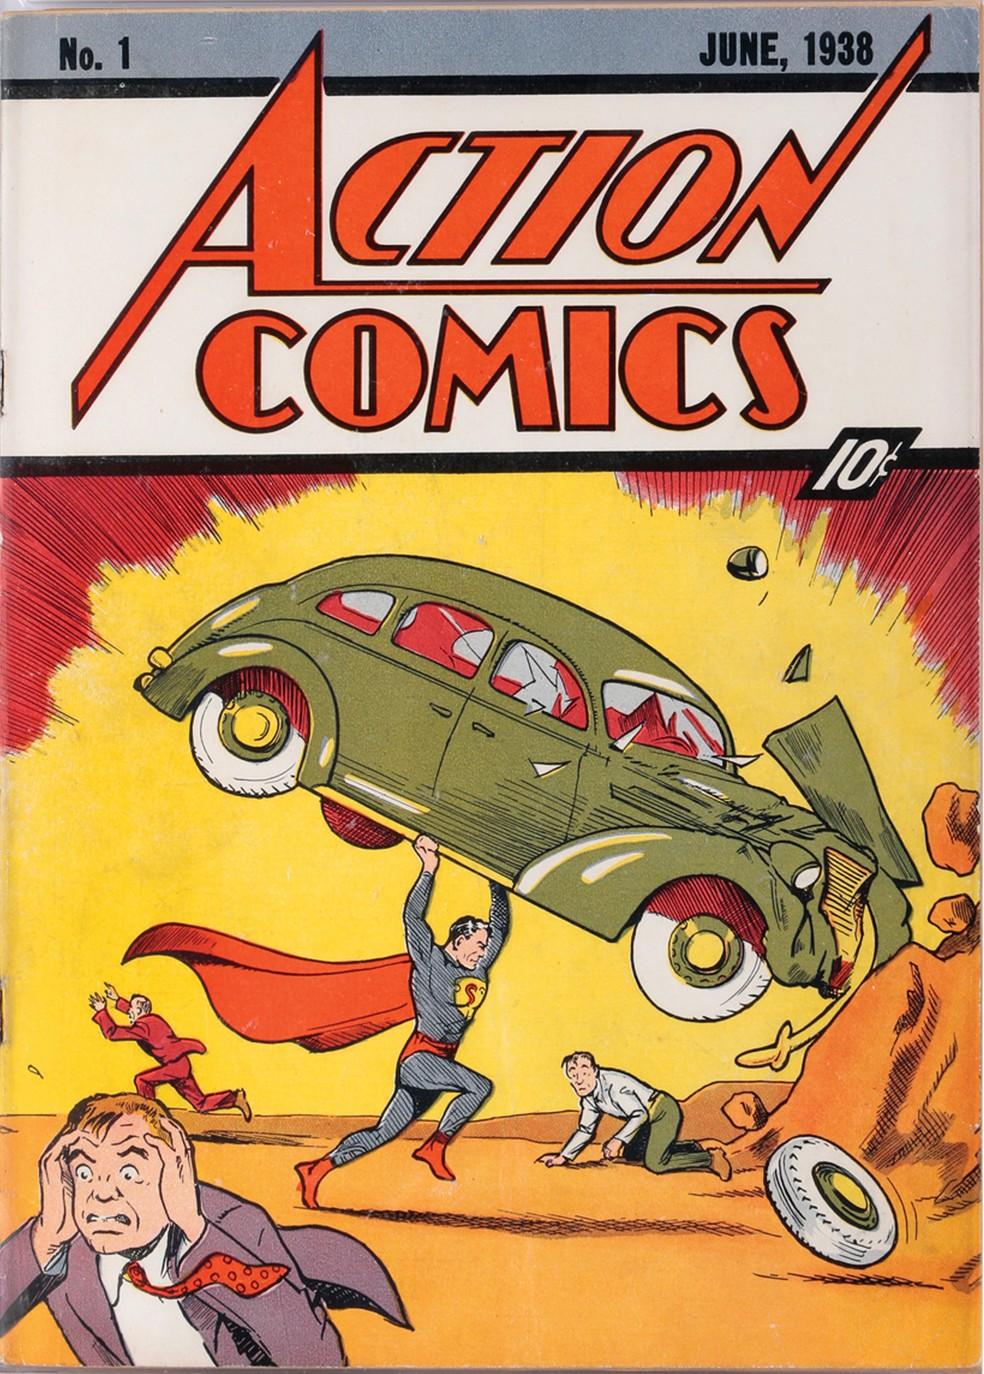 'Action Comics 1', de 1938, primeira aparição do Superman. — Foto: Profiles in History via AP